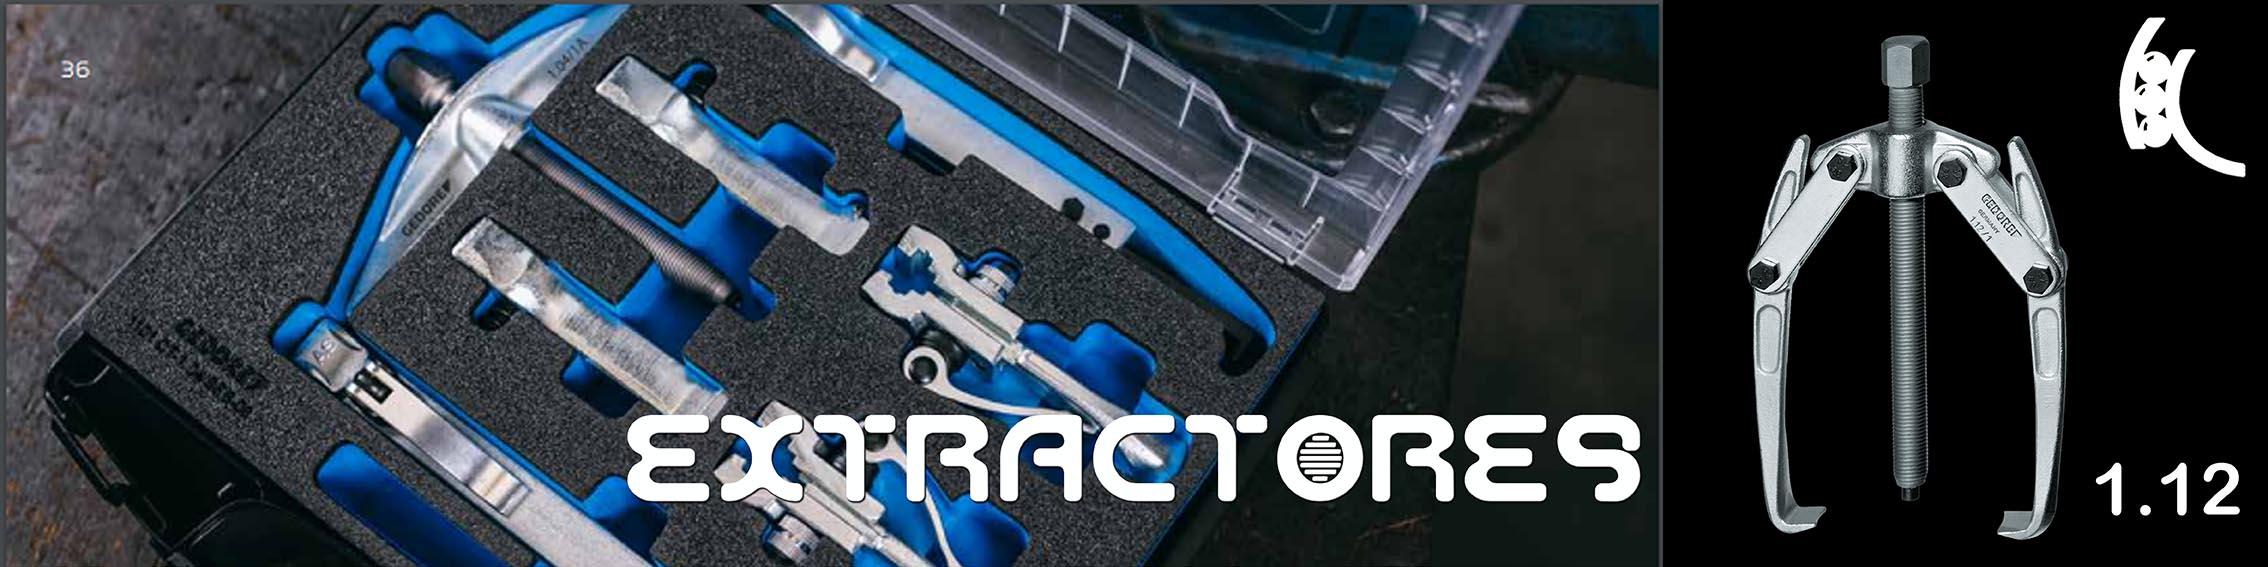 extractores 1 12 2.jpg